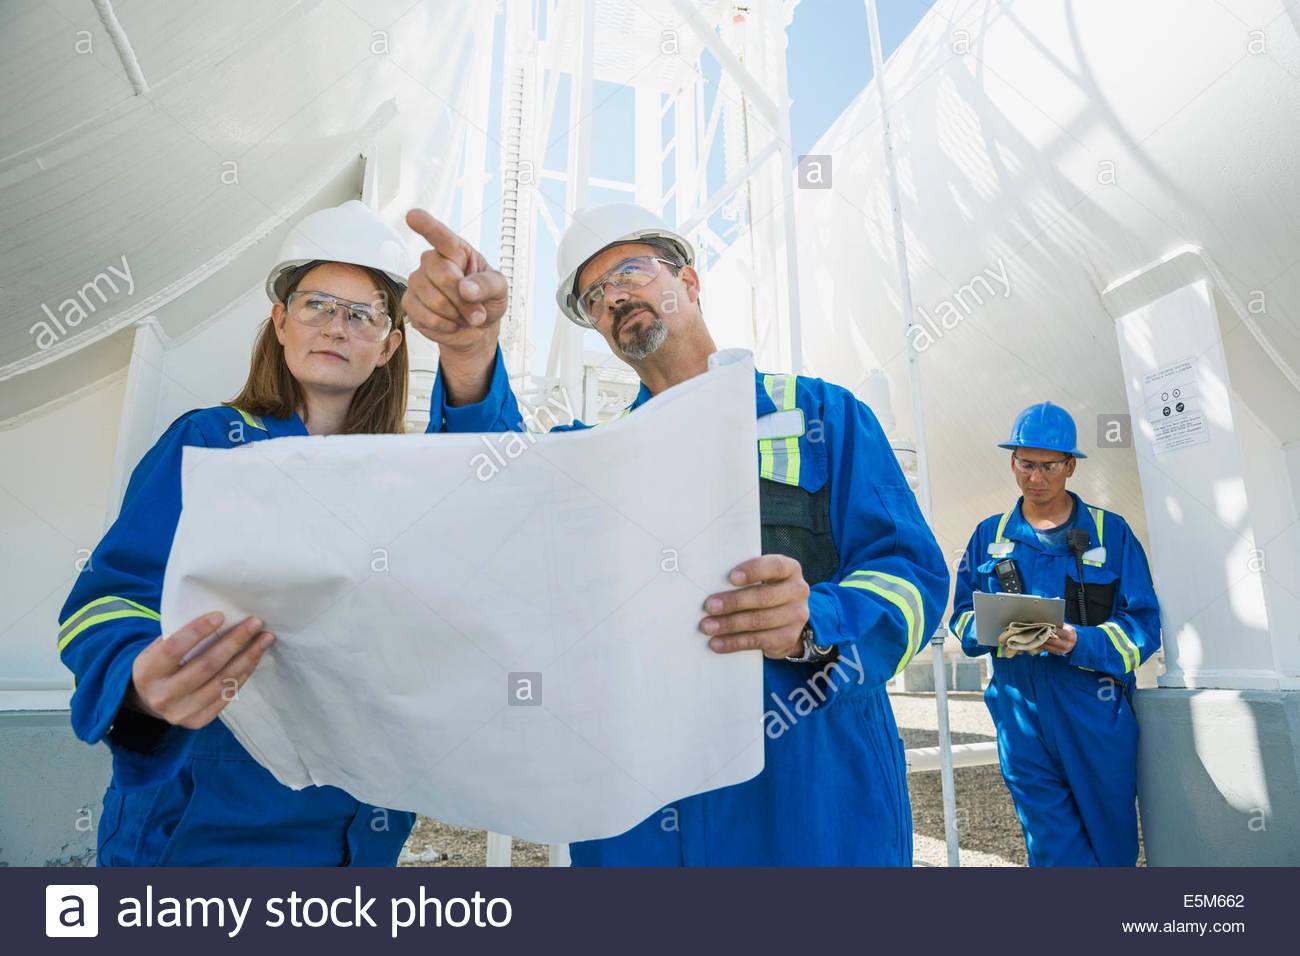 Avec les travailleurs de l'usine à gaz blueprints à Photo Stock